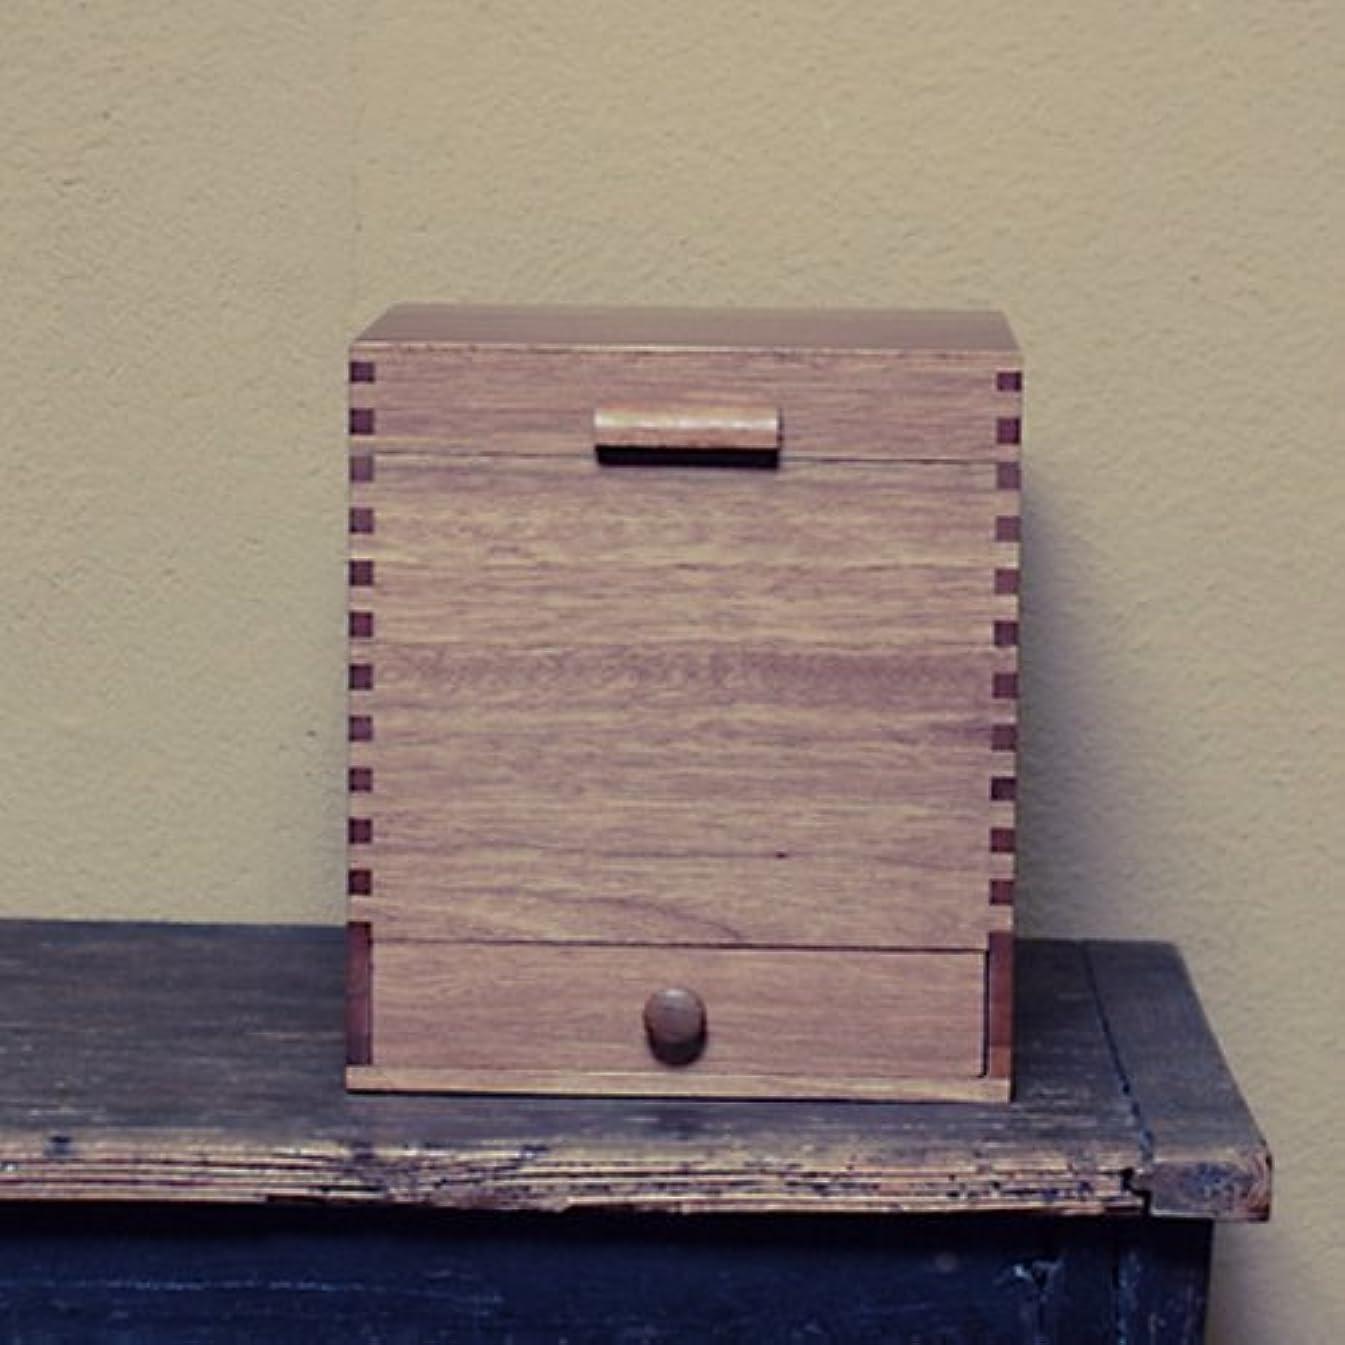 累積現在アンタゴニスト倉敷意匠計画室 化粧ボックス